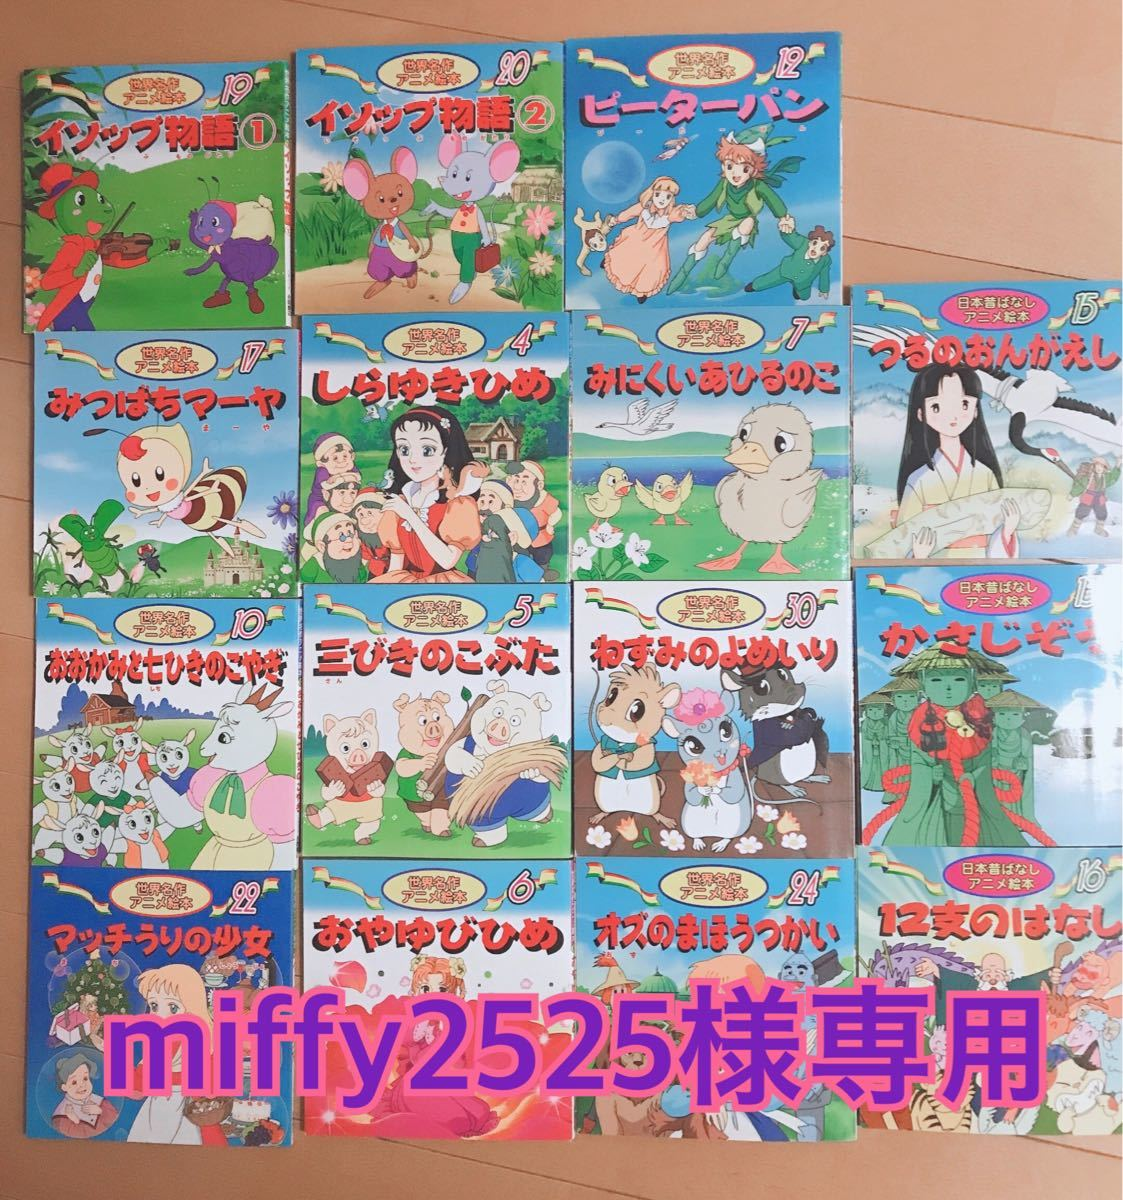 【miffy2525様専用】世界名作絵本